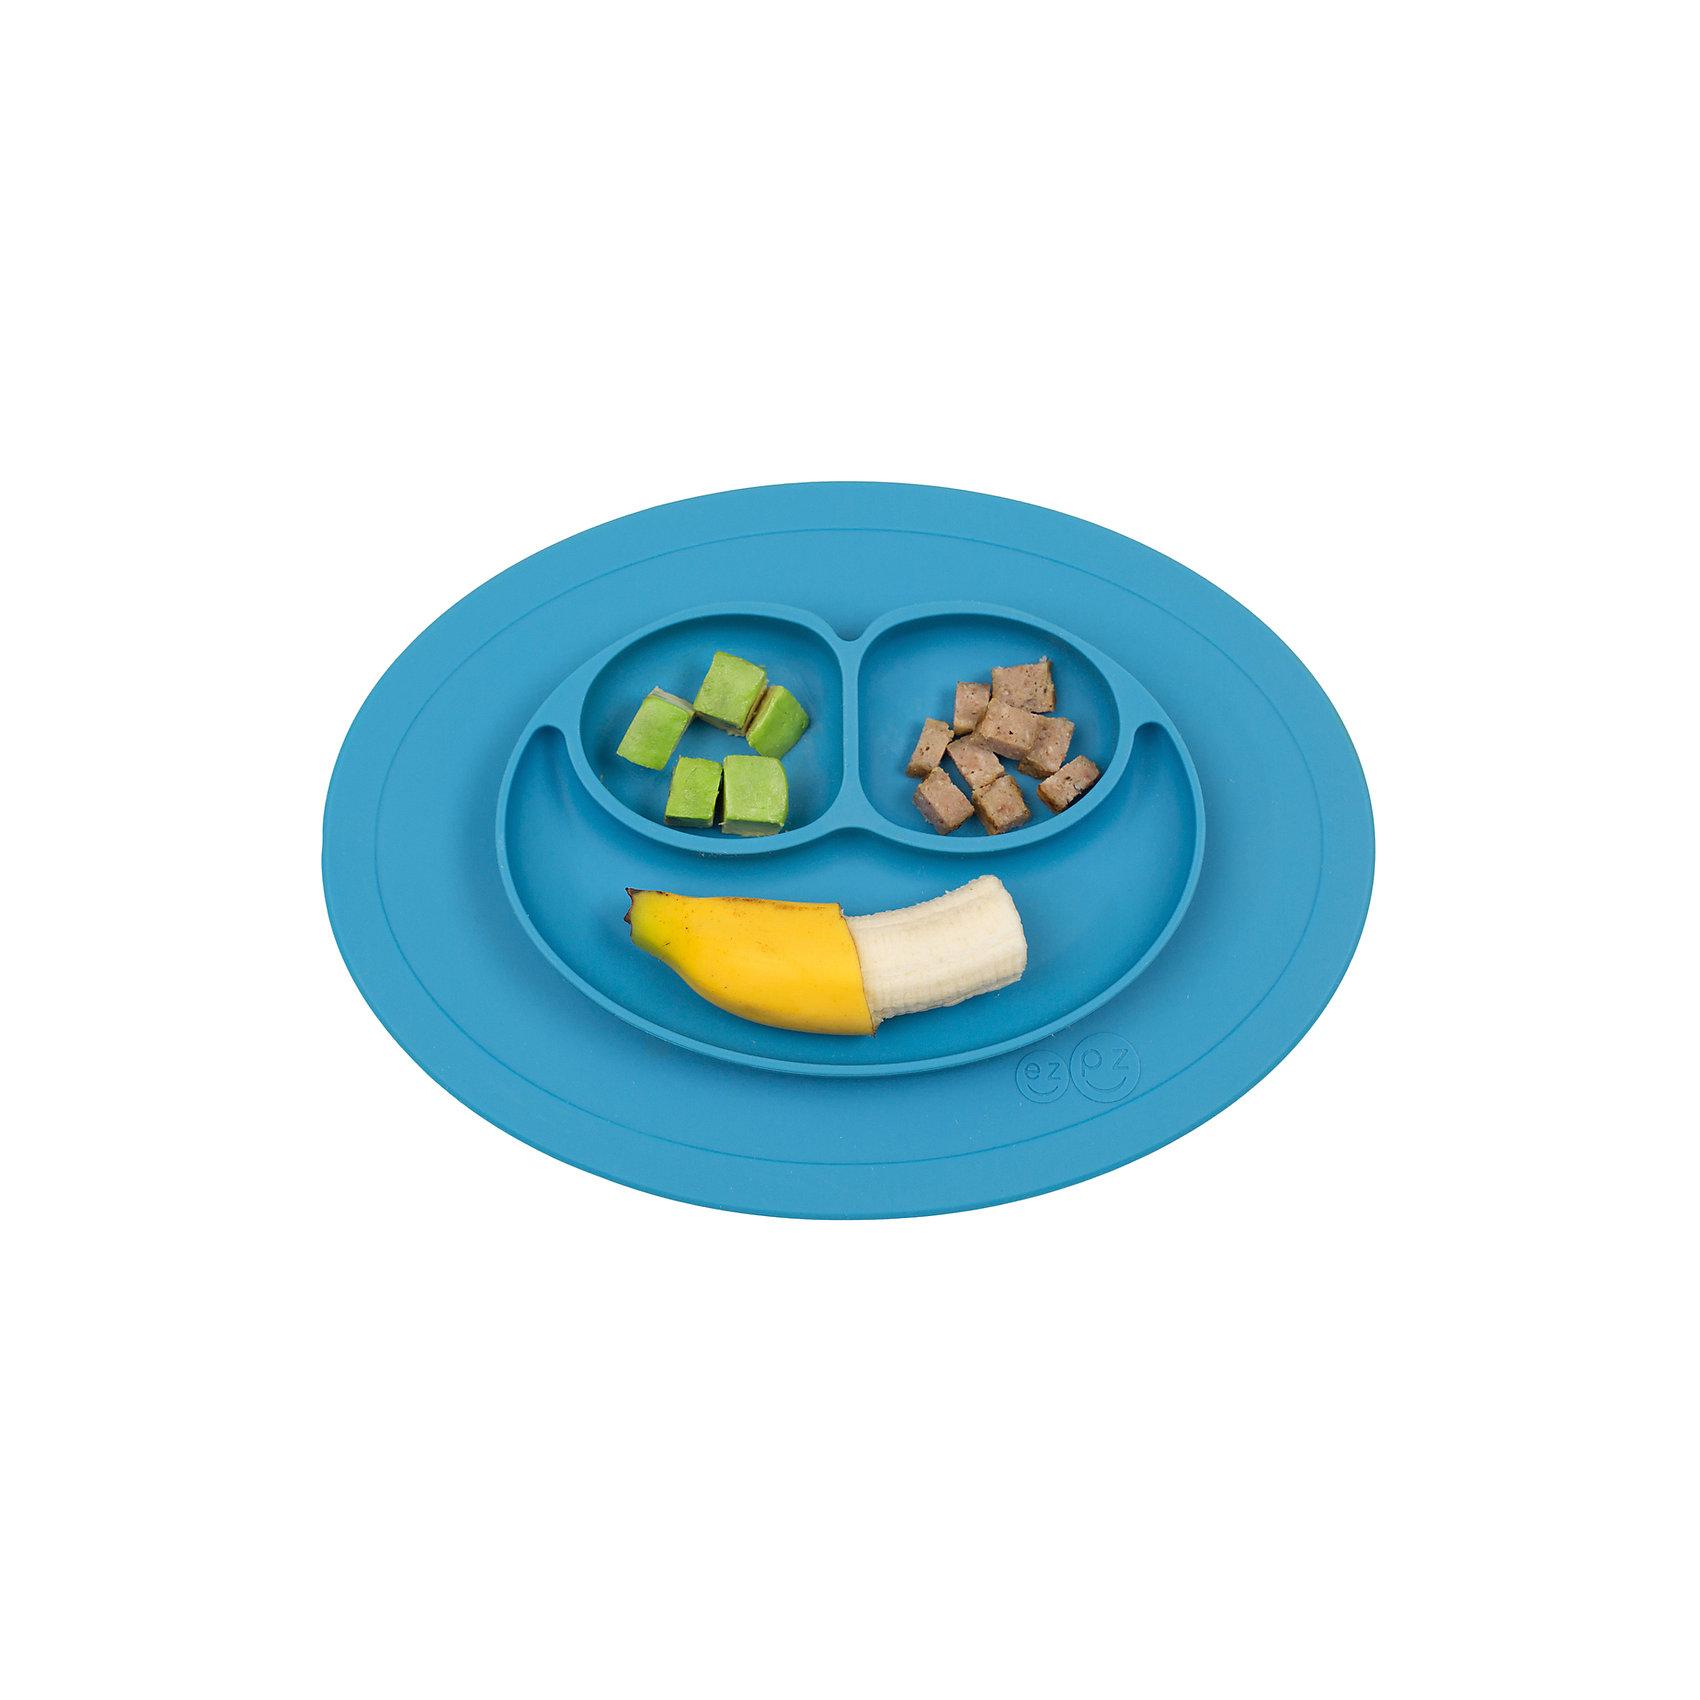 Тарелка с подставкой Mini Mat, ezpz, синийТарелка с подставкой Mini Mat, ezpz, синий.<br><br>Характеристики:<br>• изготовлена из качественного пищевого силикона<br>• надежно крепится к столу<br>• 3 отсека для еды<br>• удобно брать с собой<br>• подходит для посудомоечной машины и микроволновой печи<br>• не содержит бисфенол, свинец, фталаты, поливинилхлорид<br>• приятный дизайн<br>• состав: 100% силикон<br>• размер: 21,5х19,5х2,5 см<br>• объем: 240 мл<br>• цвет: синий<br><br>Тарелка с подставкой Mini Mat, ezpz пригодится, если в доме живут маленькие непоседы. Тарелка имеет 3 глубоких отсека, что позволяет подавать еду раздельно. Вы сможете одновременно подать к столу мясо, гарнир и фрукты, не пачкая лишнюю посуду. Дно тарелки надежно крепится к плоской поверхности - вы можете не переживать, что малыш опрокинет еду и обожжется. Небольшой размер позволит брать тарелку с собой в дорогу. Приятный дизайн тарелки понравится ребенку, и он обязательно будет есть с аппетитом!<br><br><br>Вы можете купить тарелку с подставкой Mini Mat, ezpz, синий в нашем интернет-магазине.<br><br>Ширина мм: 210<br>Глубина мм: 25<br>Высота мм: 195<br>Вес г: 323<br>Возраст от месяцев: 0<br>Возраст до месяцев: 36<br>Пол: Унисекс<br>Возраст: Детский<br>SKU: 5068712